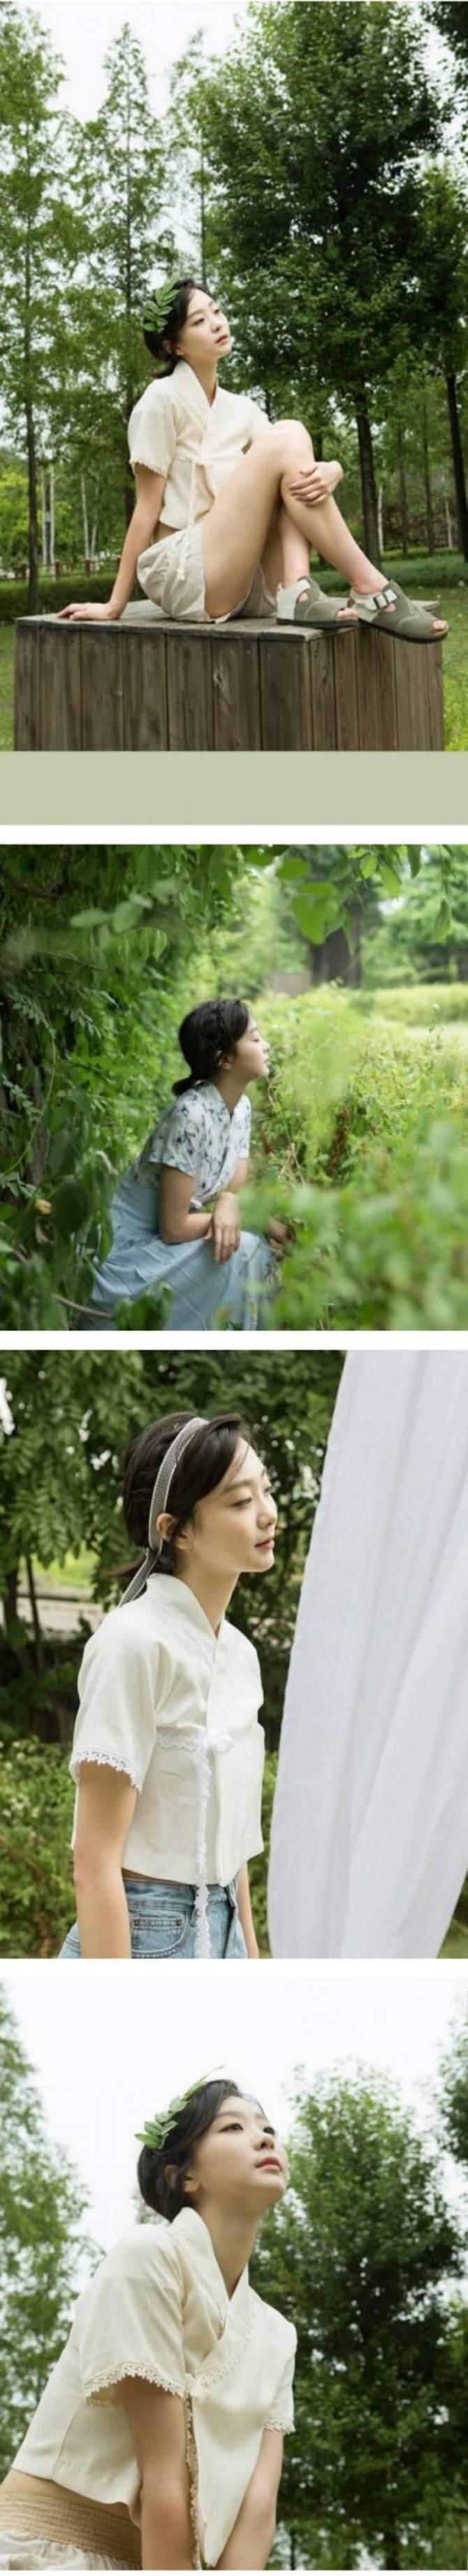 김다미 (1).jpg